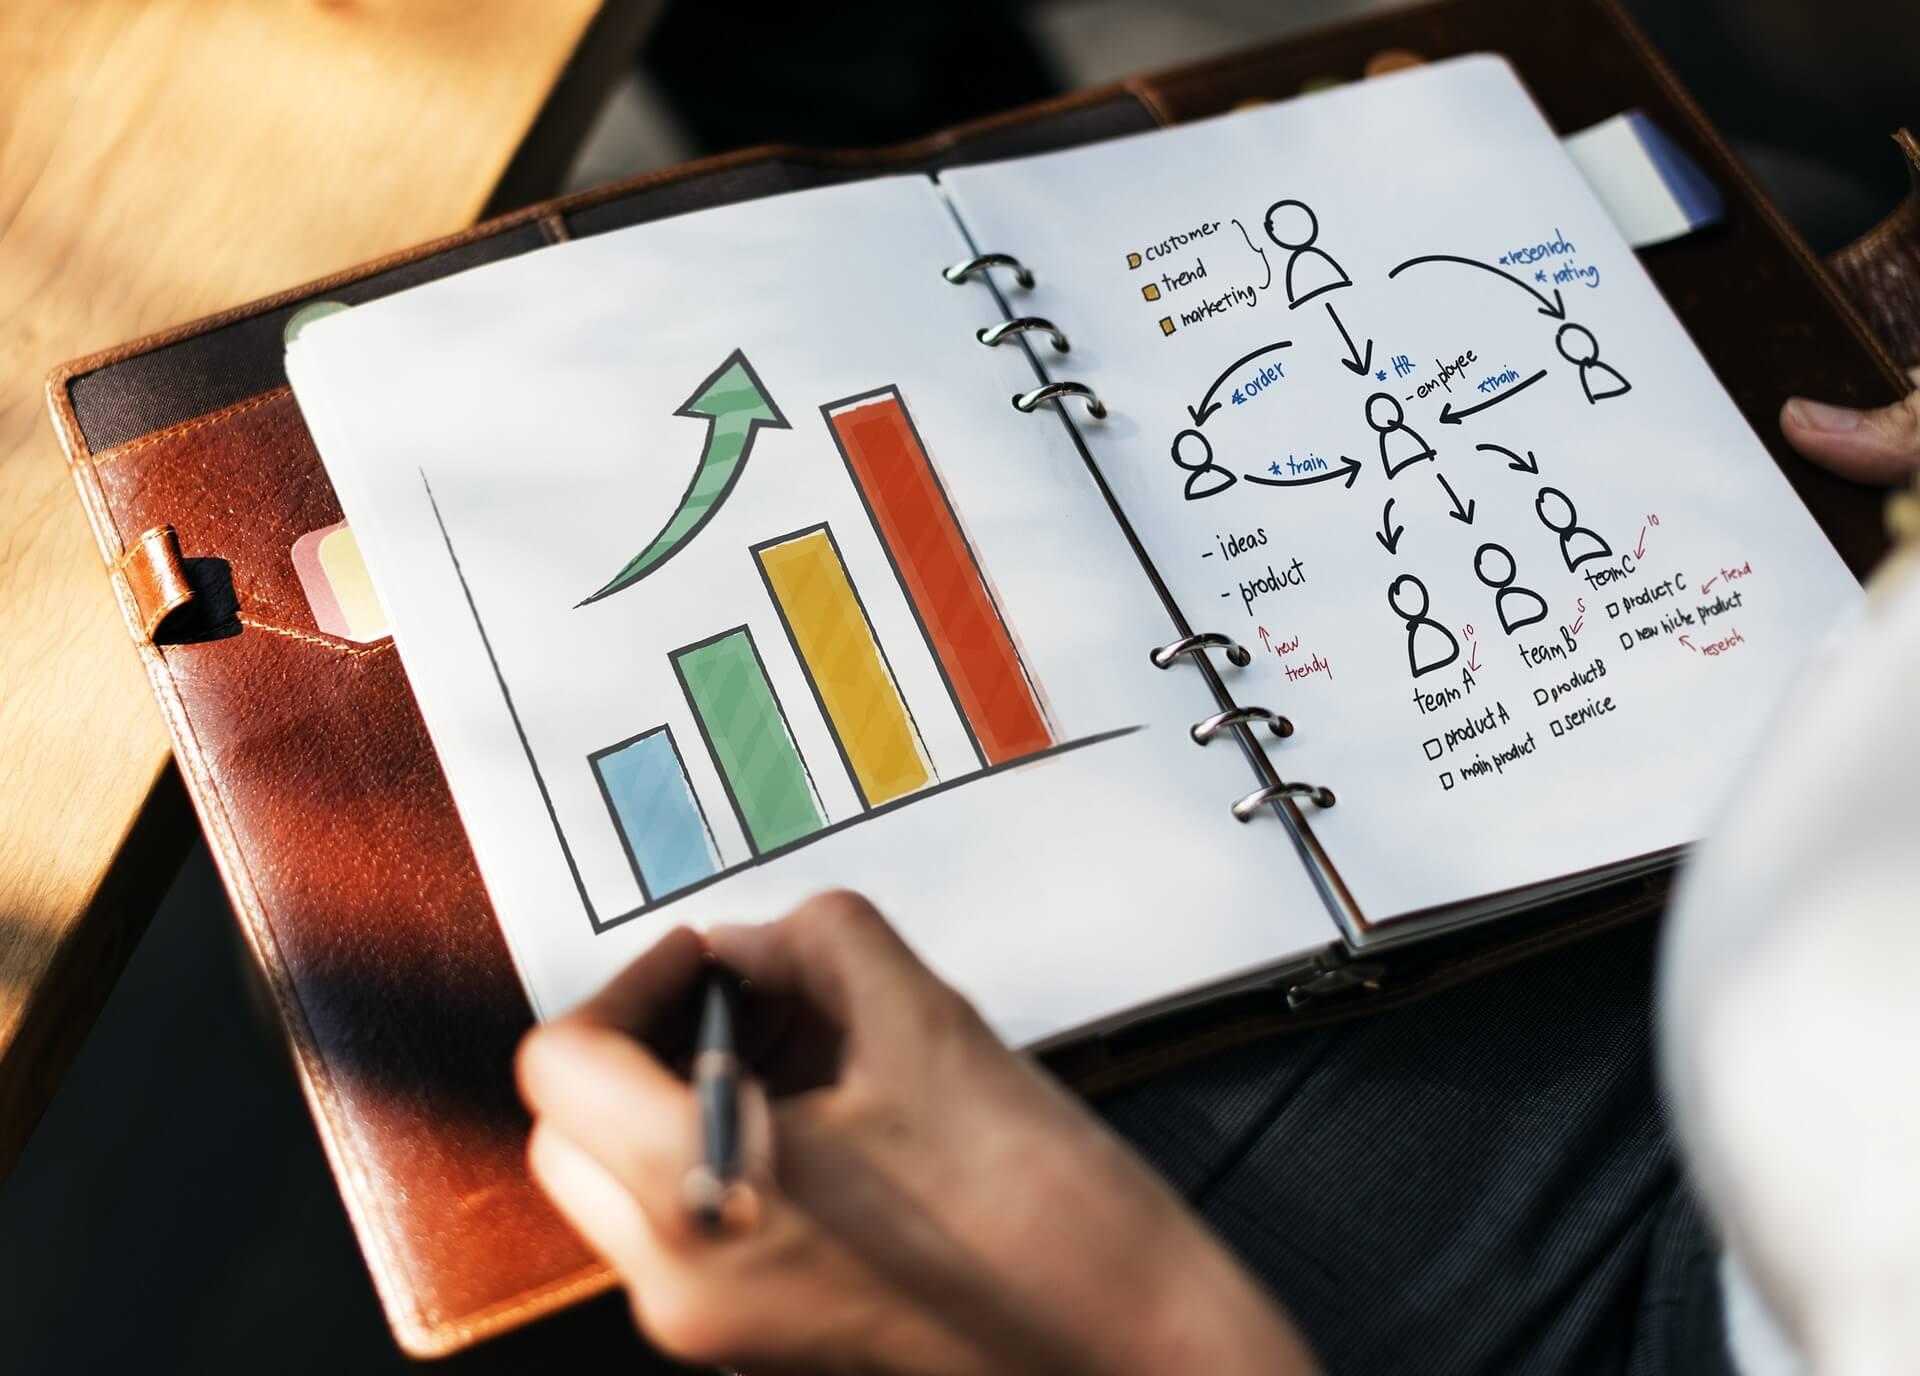 Notizbuch mit einer Planung zur Umsatzsteigerung